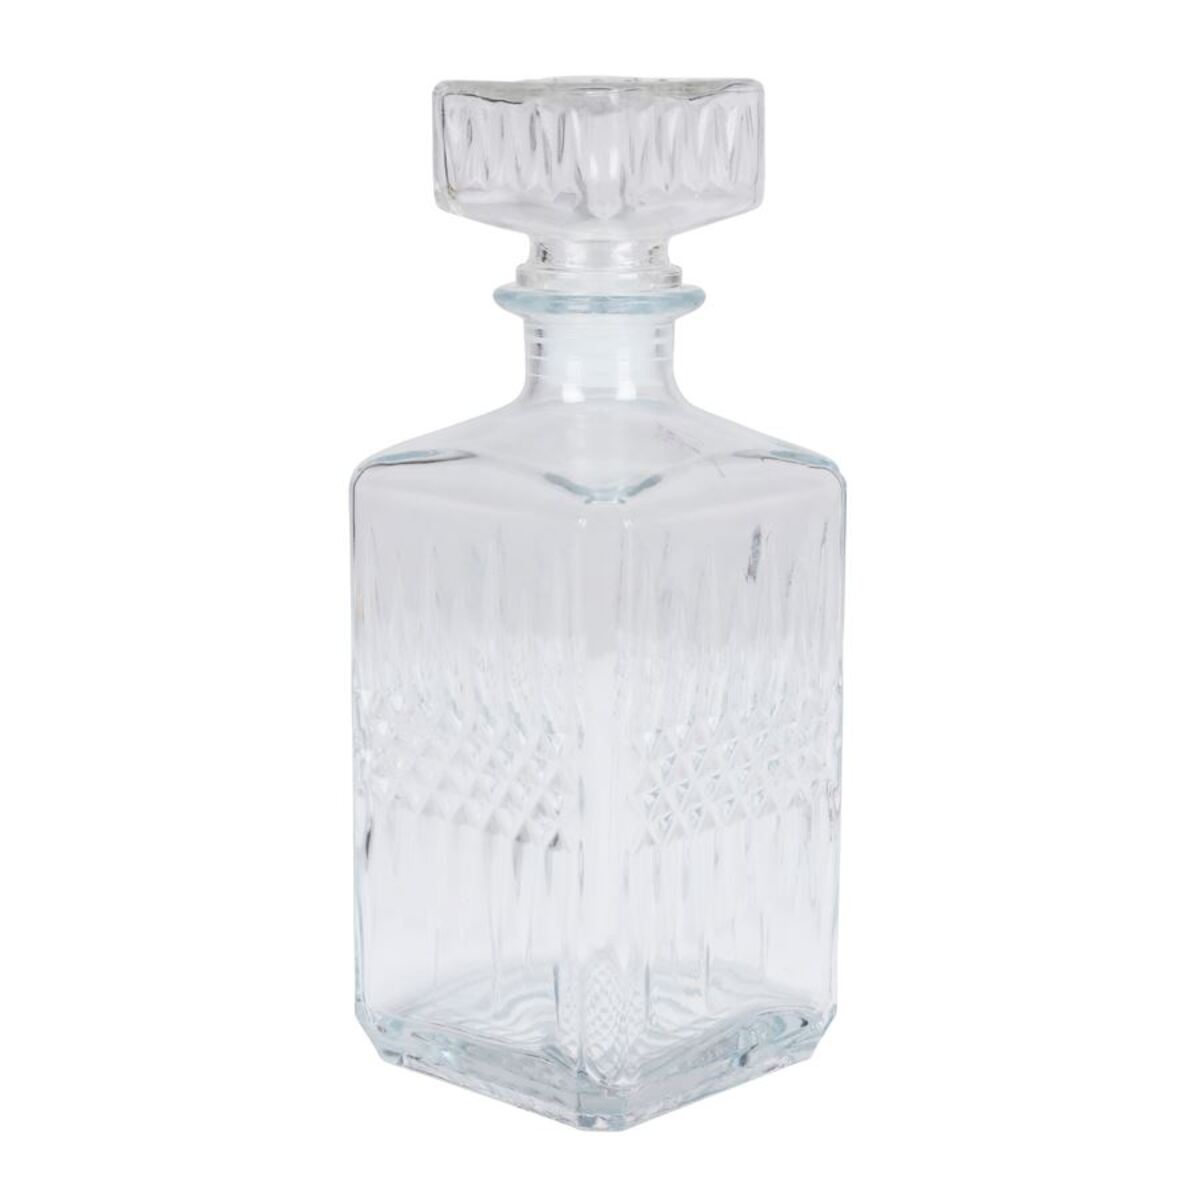 Bild 2 von Whiskykaraffe aus Glas 850ml